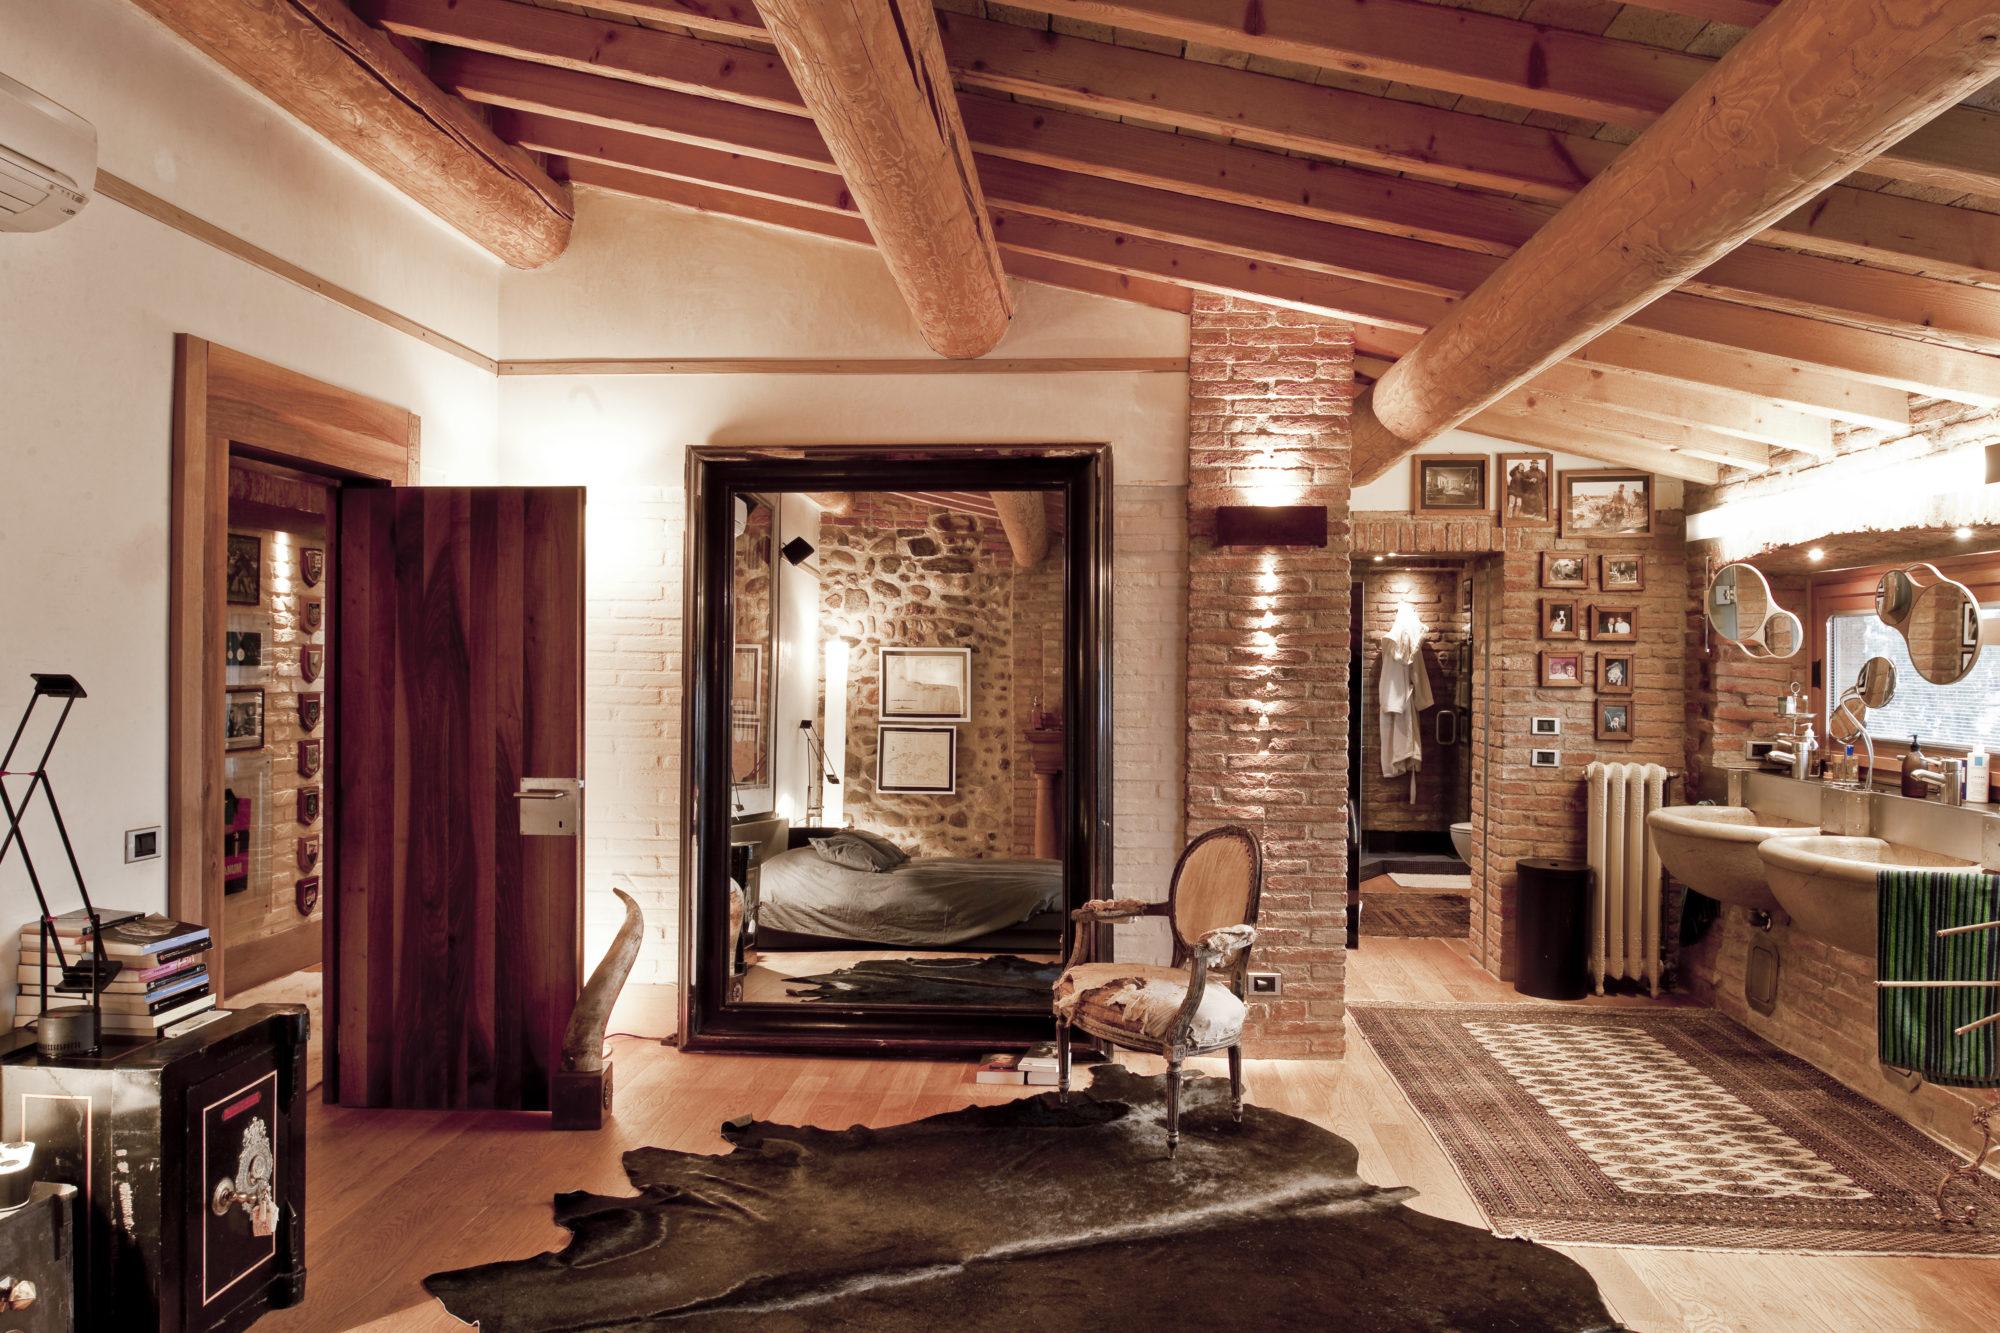 Casa di campagna interno fotografo brescia ottavio tomasini for Arredamento interni case